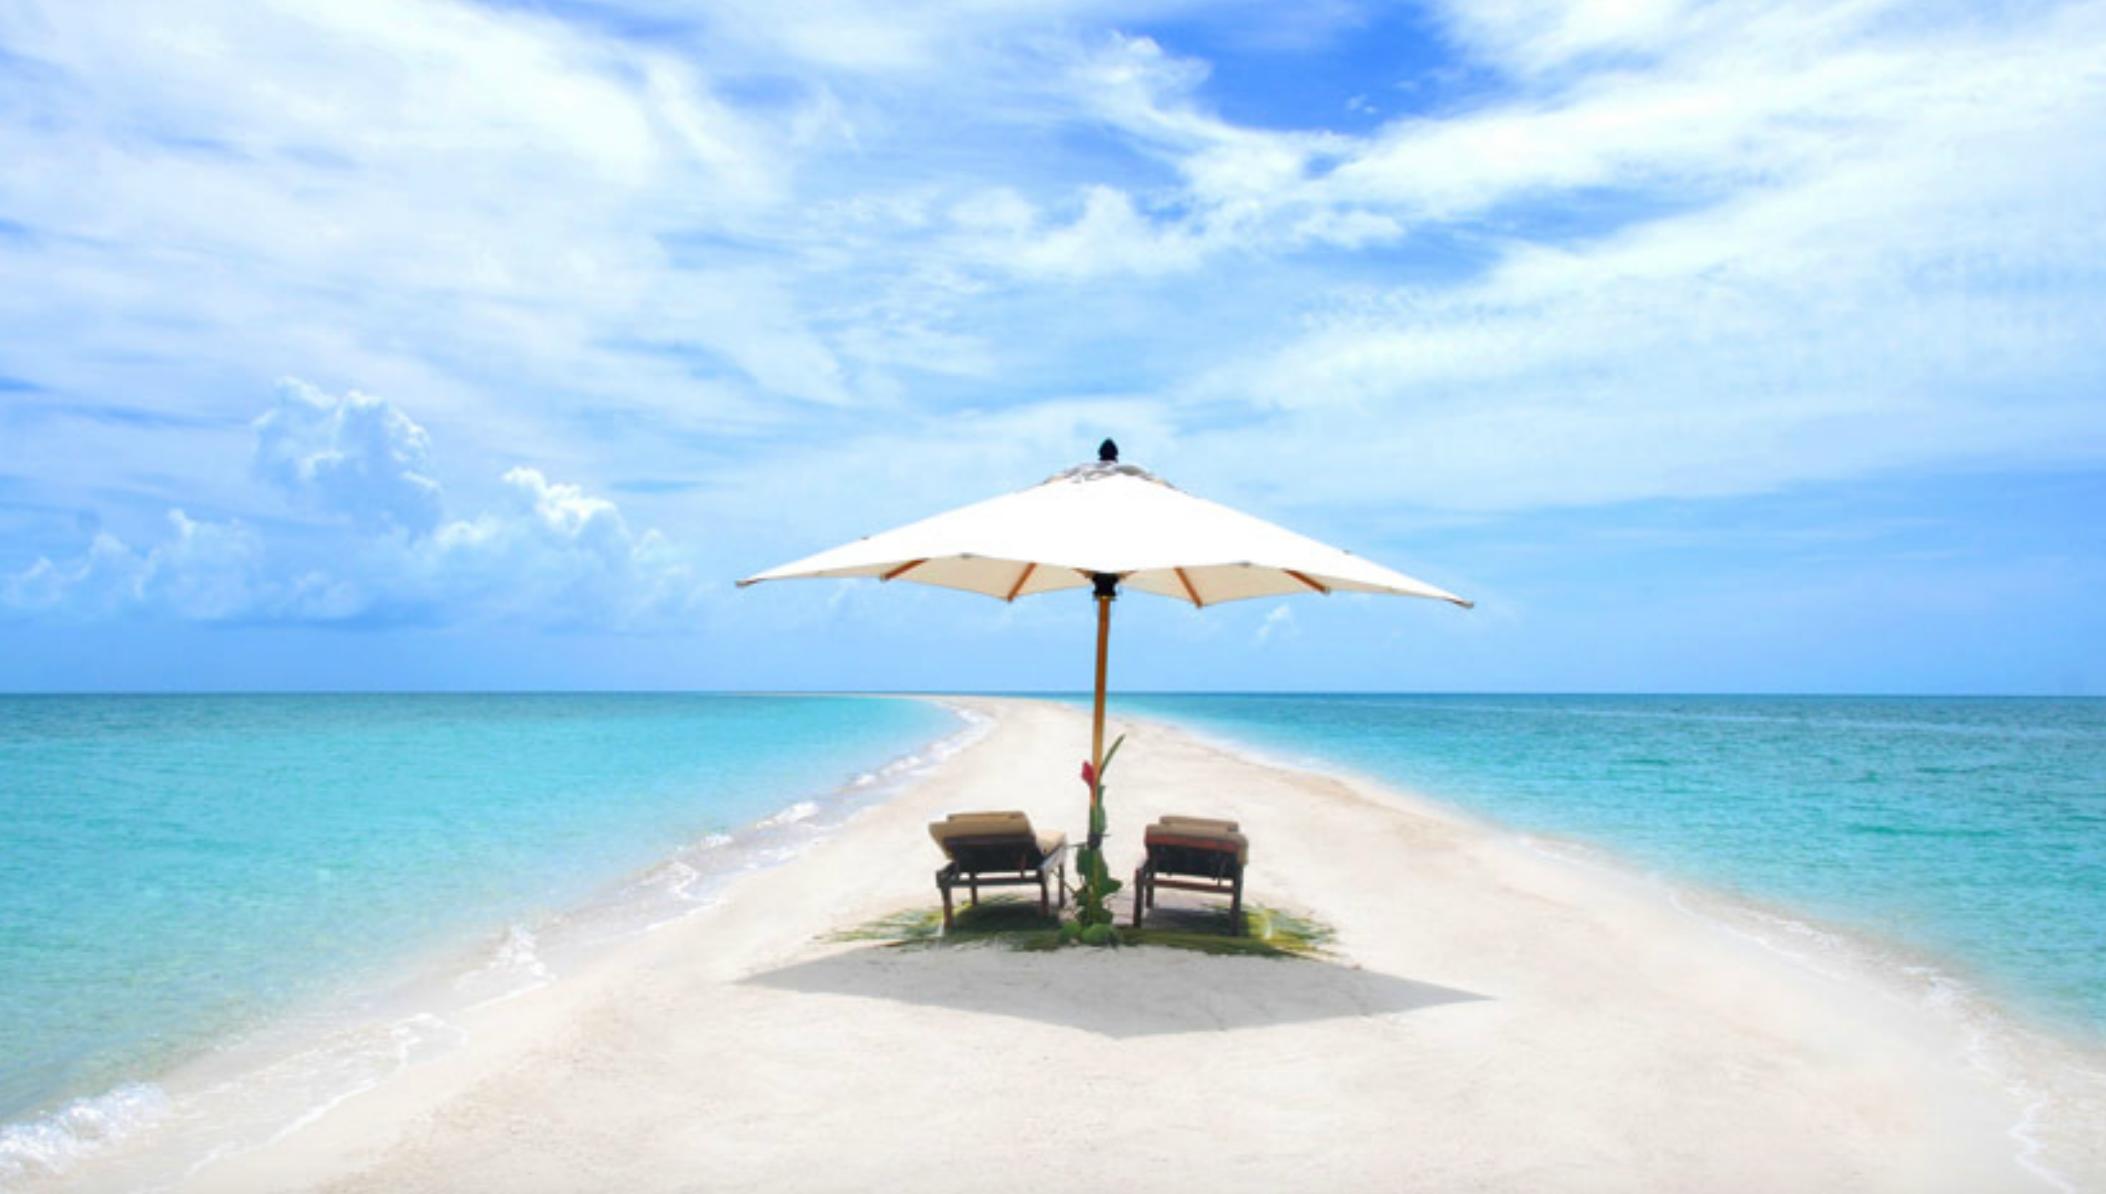 Musha Cay em Exuma Cays, Bahamas | Créditos: divulgação Musha Cay